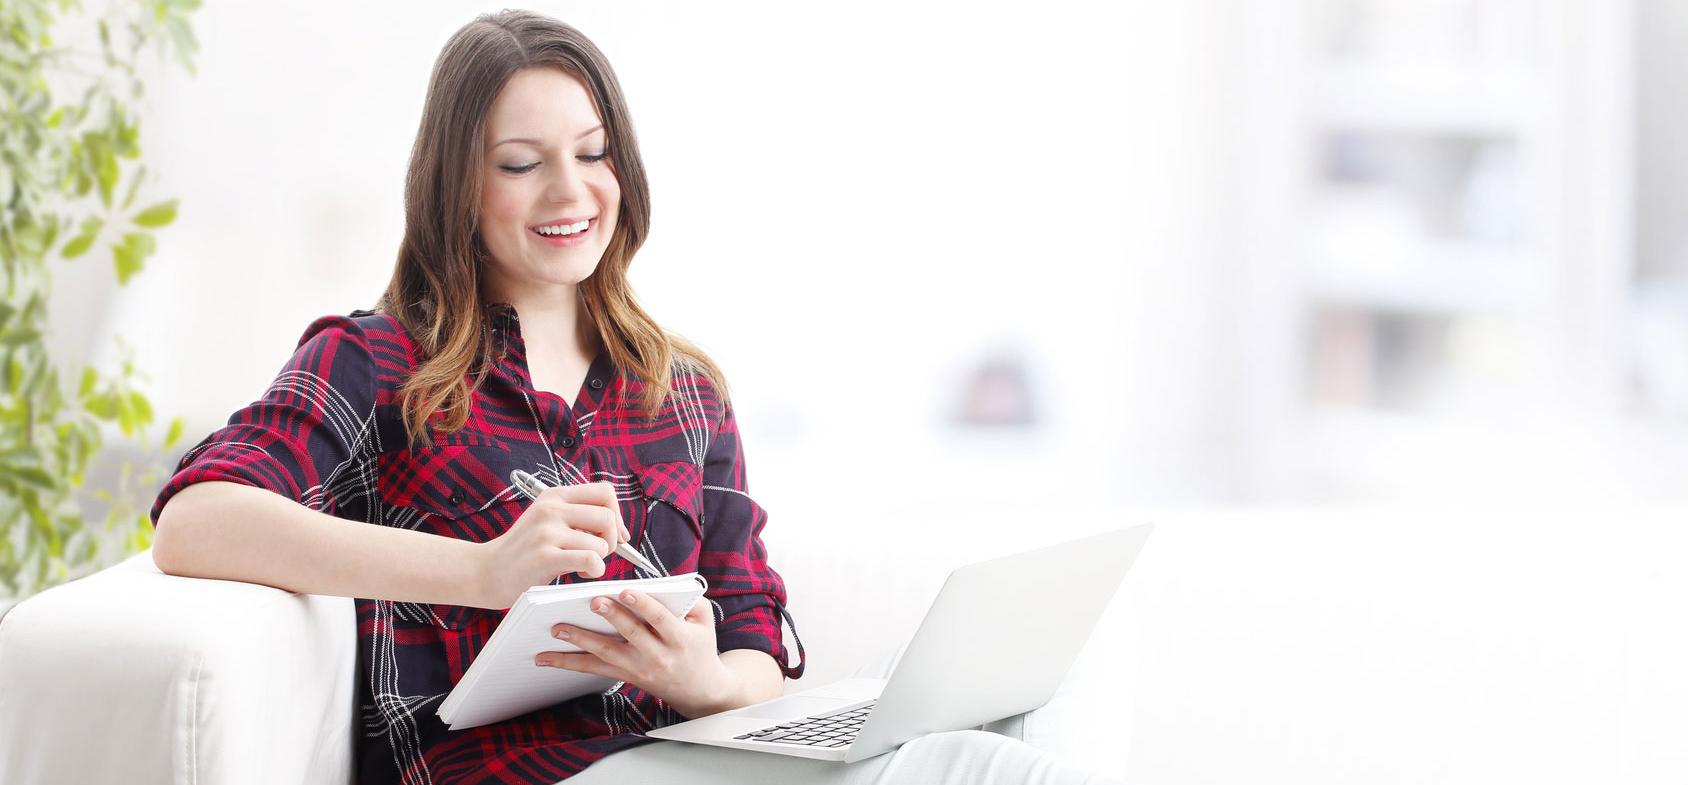 Klientka studiująca kurs internetowy